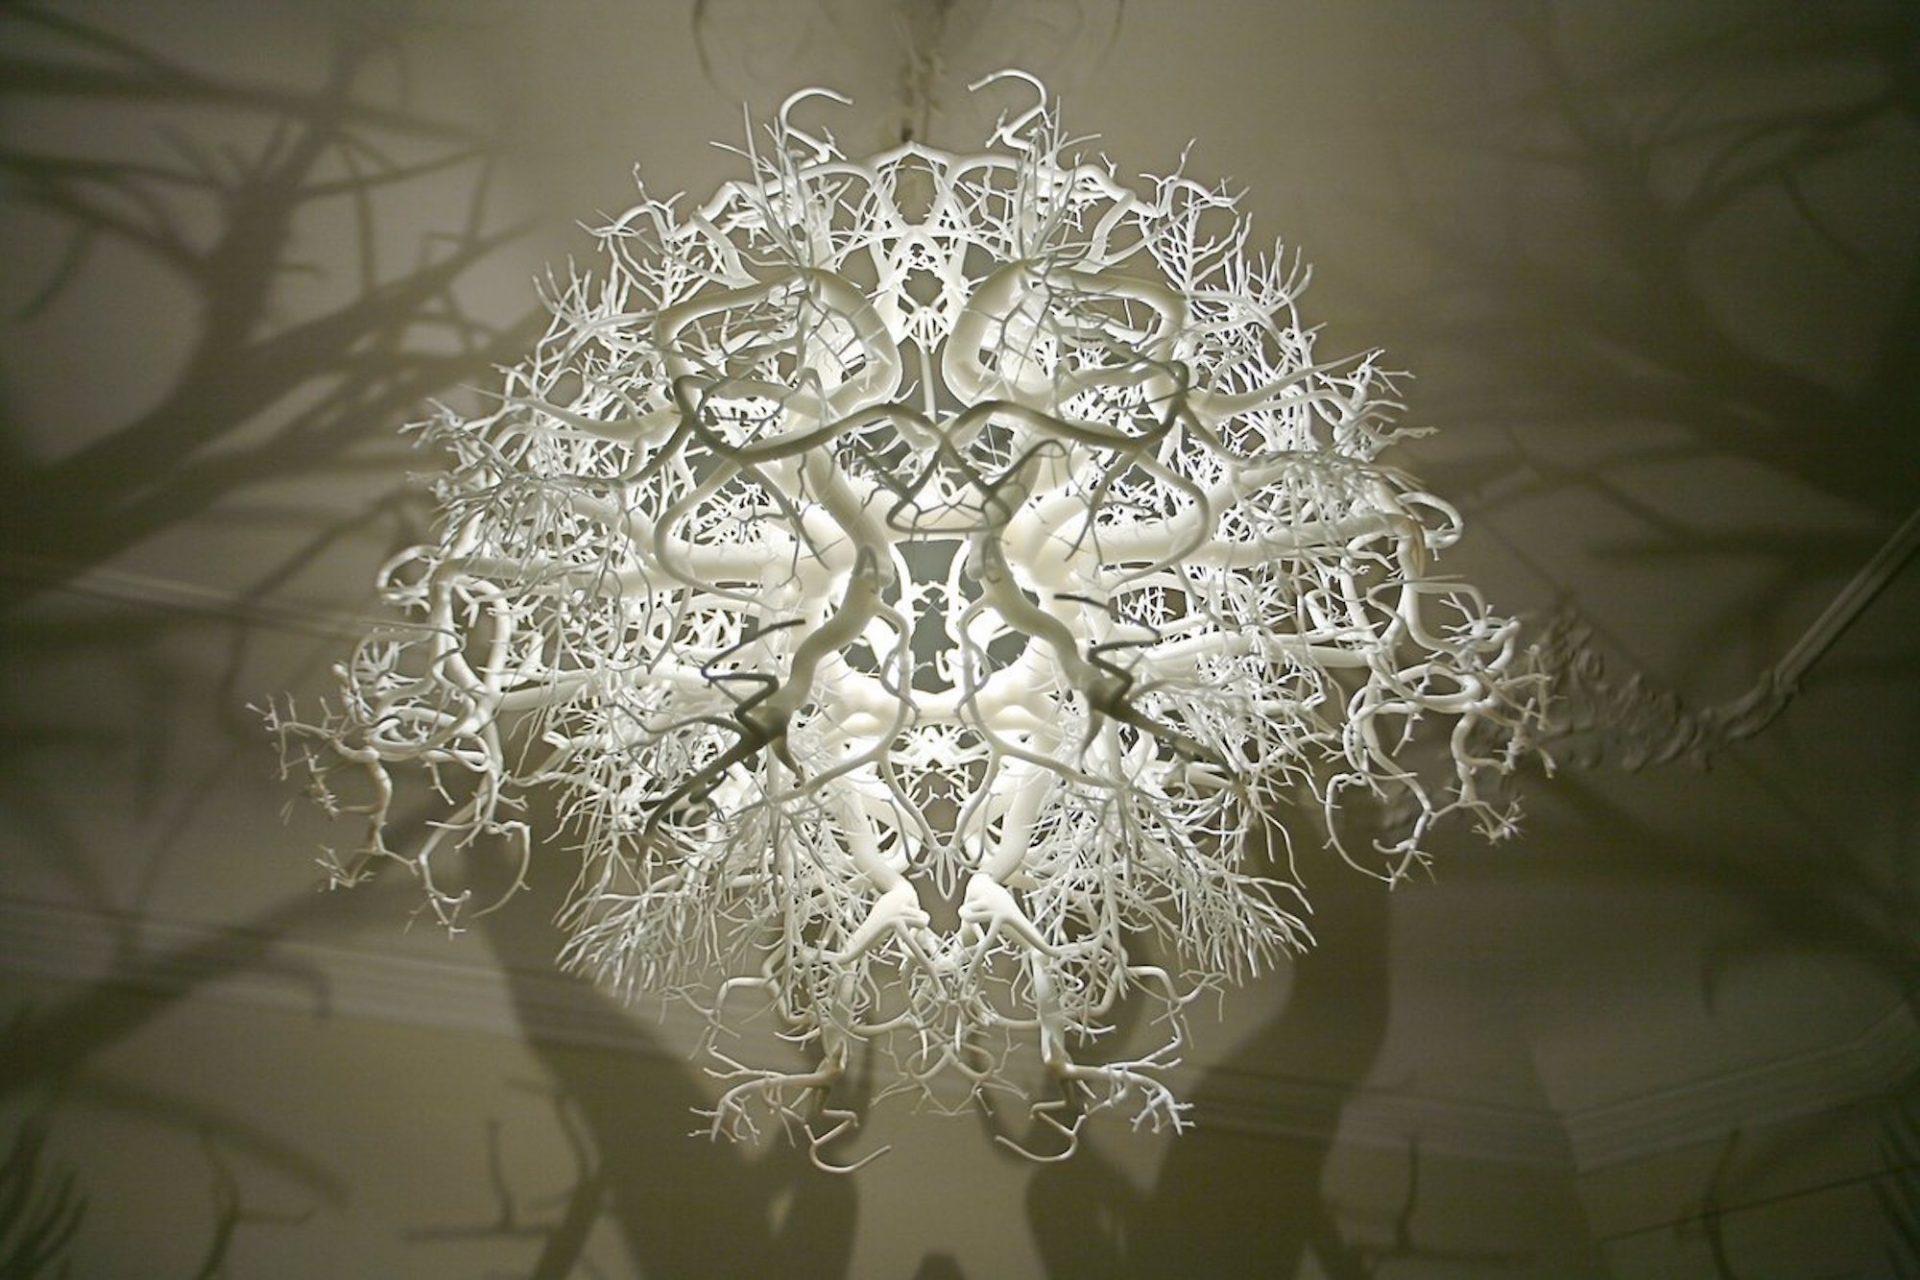 Ce lustre artistique transforme votre chambre en forêt hantée